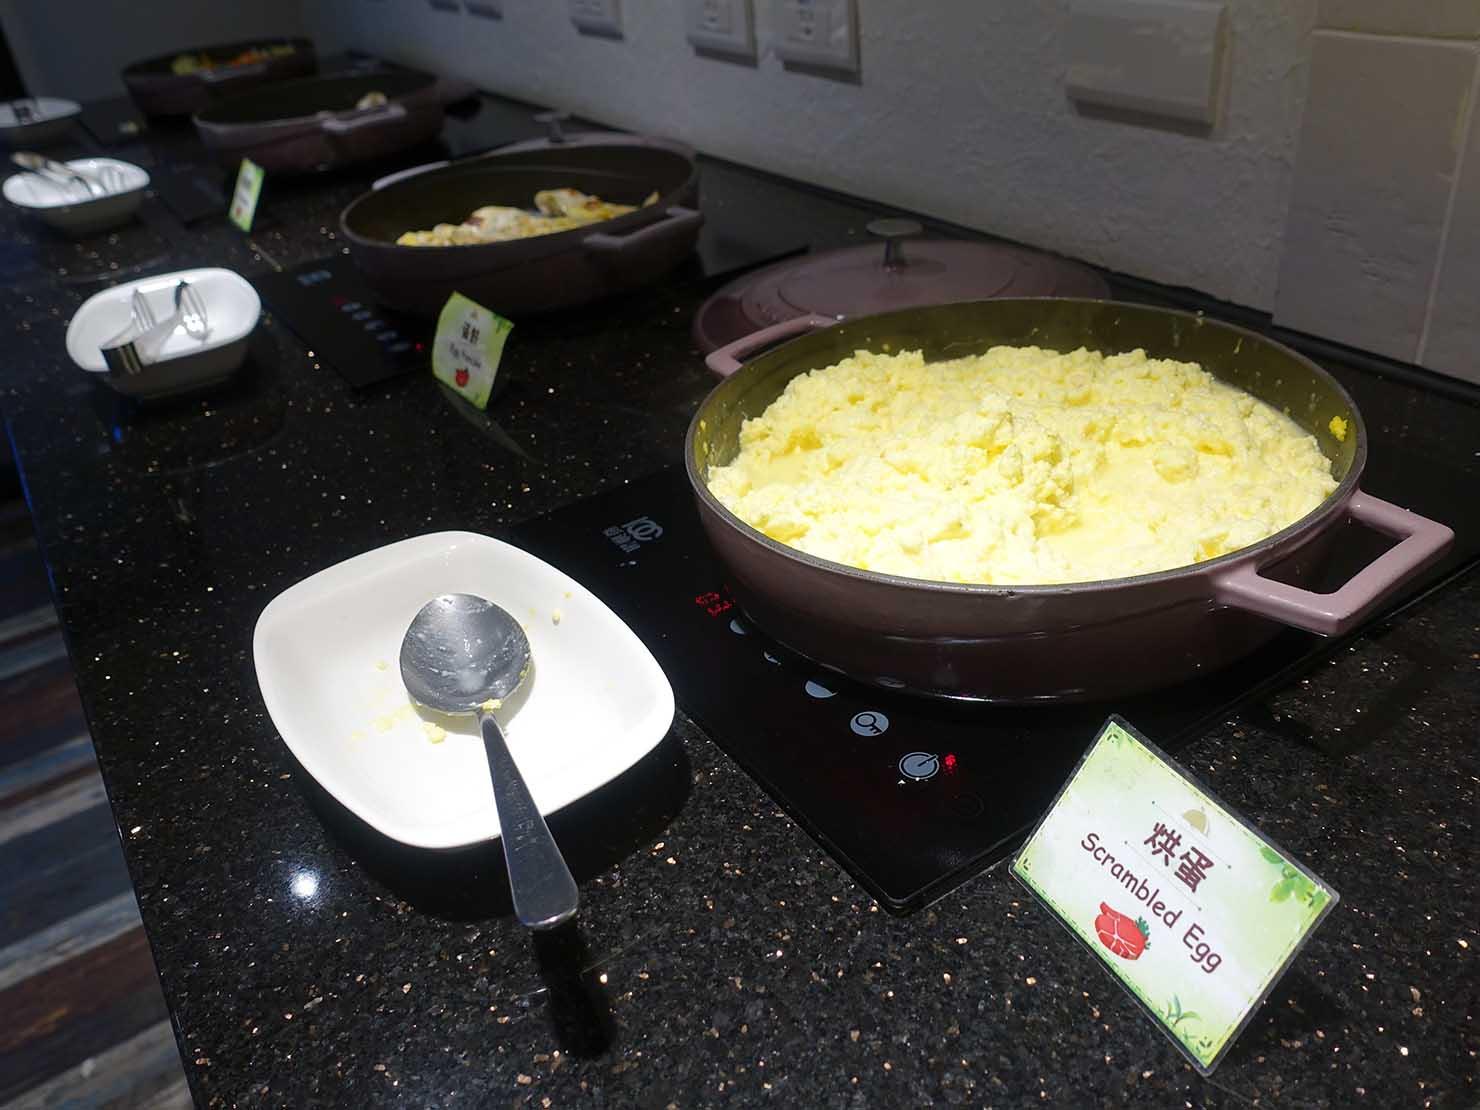 高雄・西子灣の港に立つ海辺のホテル「碧港良居 Watermark Hotel」の朝食ビュッフェ(洋食)